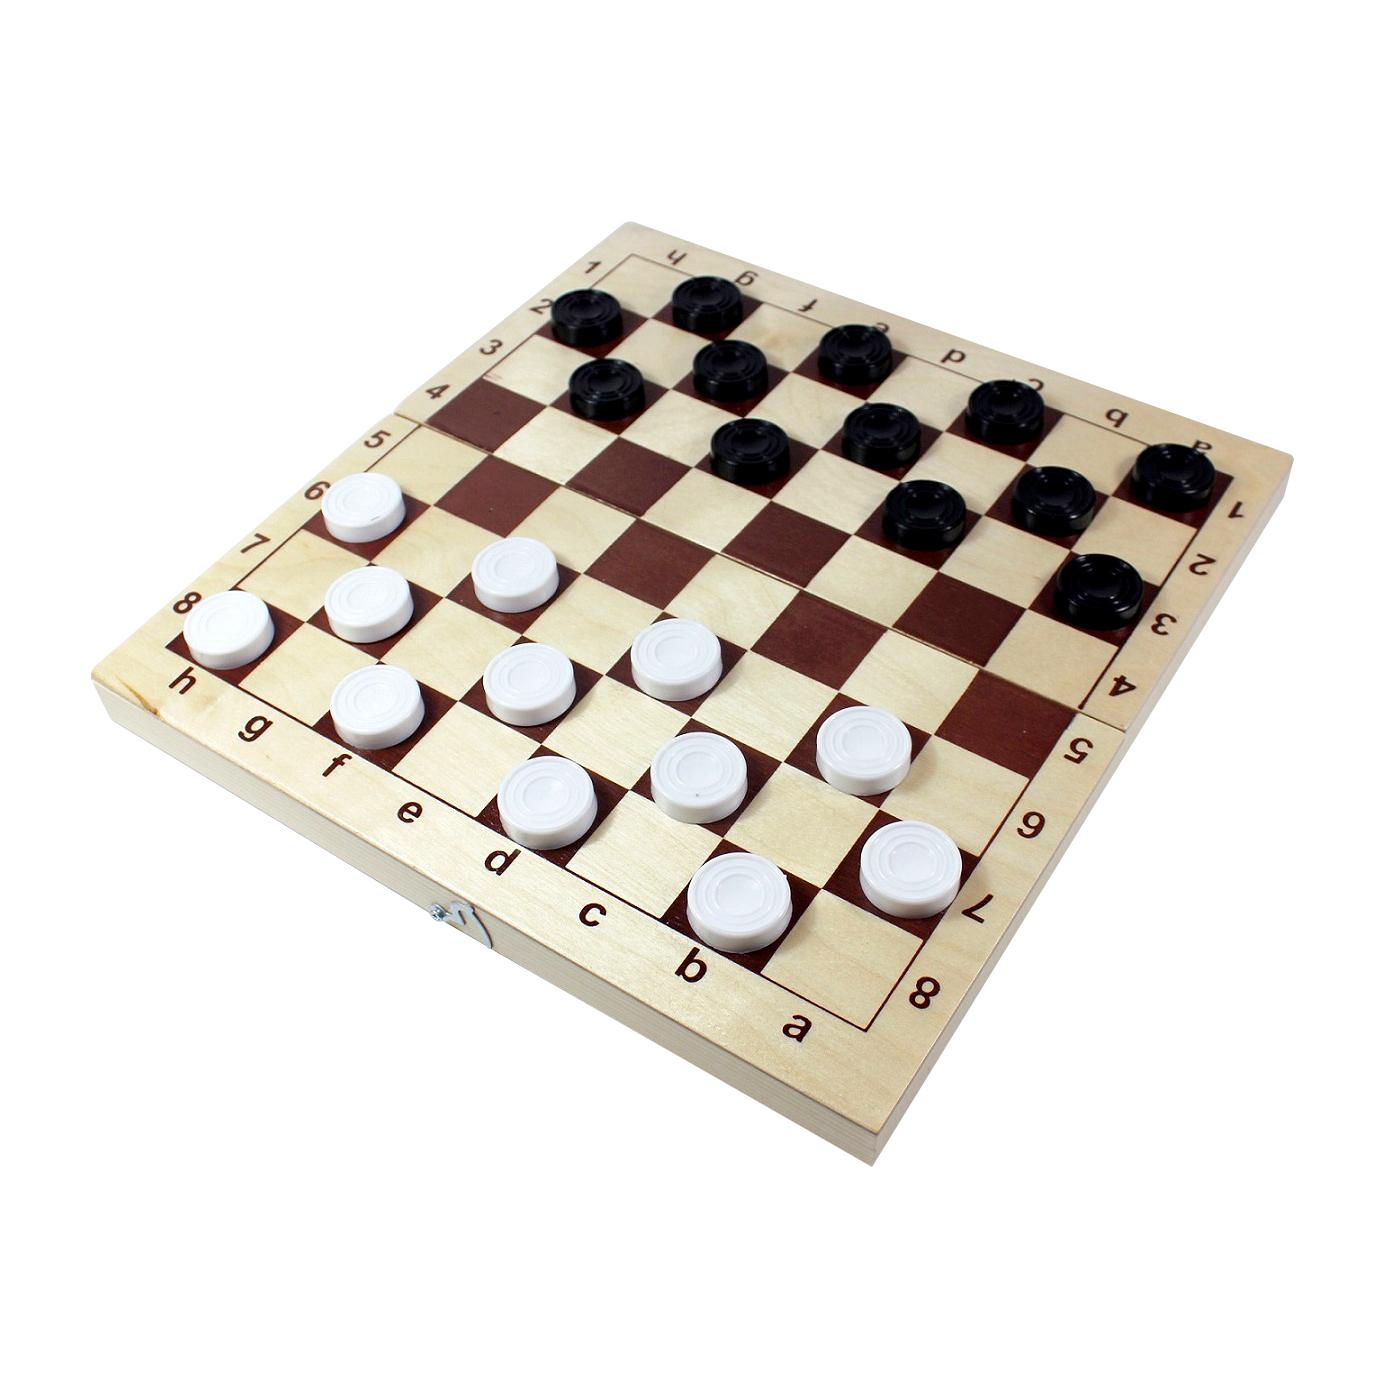 Настольная игра Десятое королевство Шахматы и шашки пластмассовые 29x29 см десятое королевство td00995 игра настольная космобой